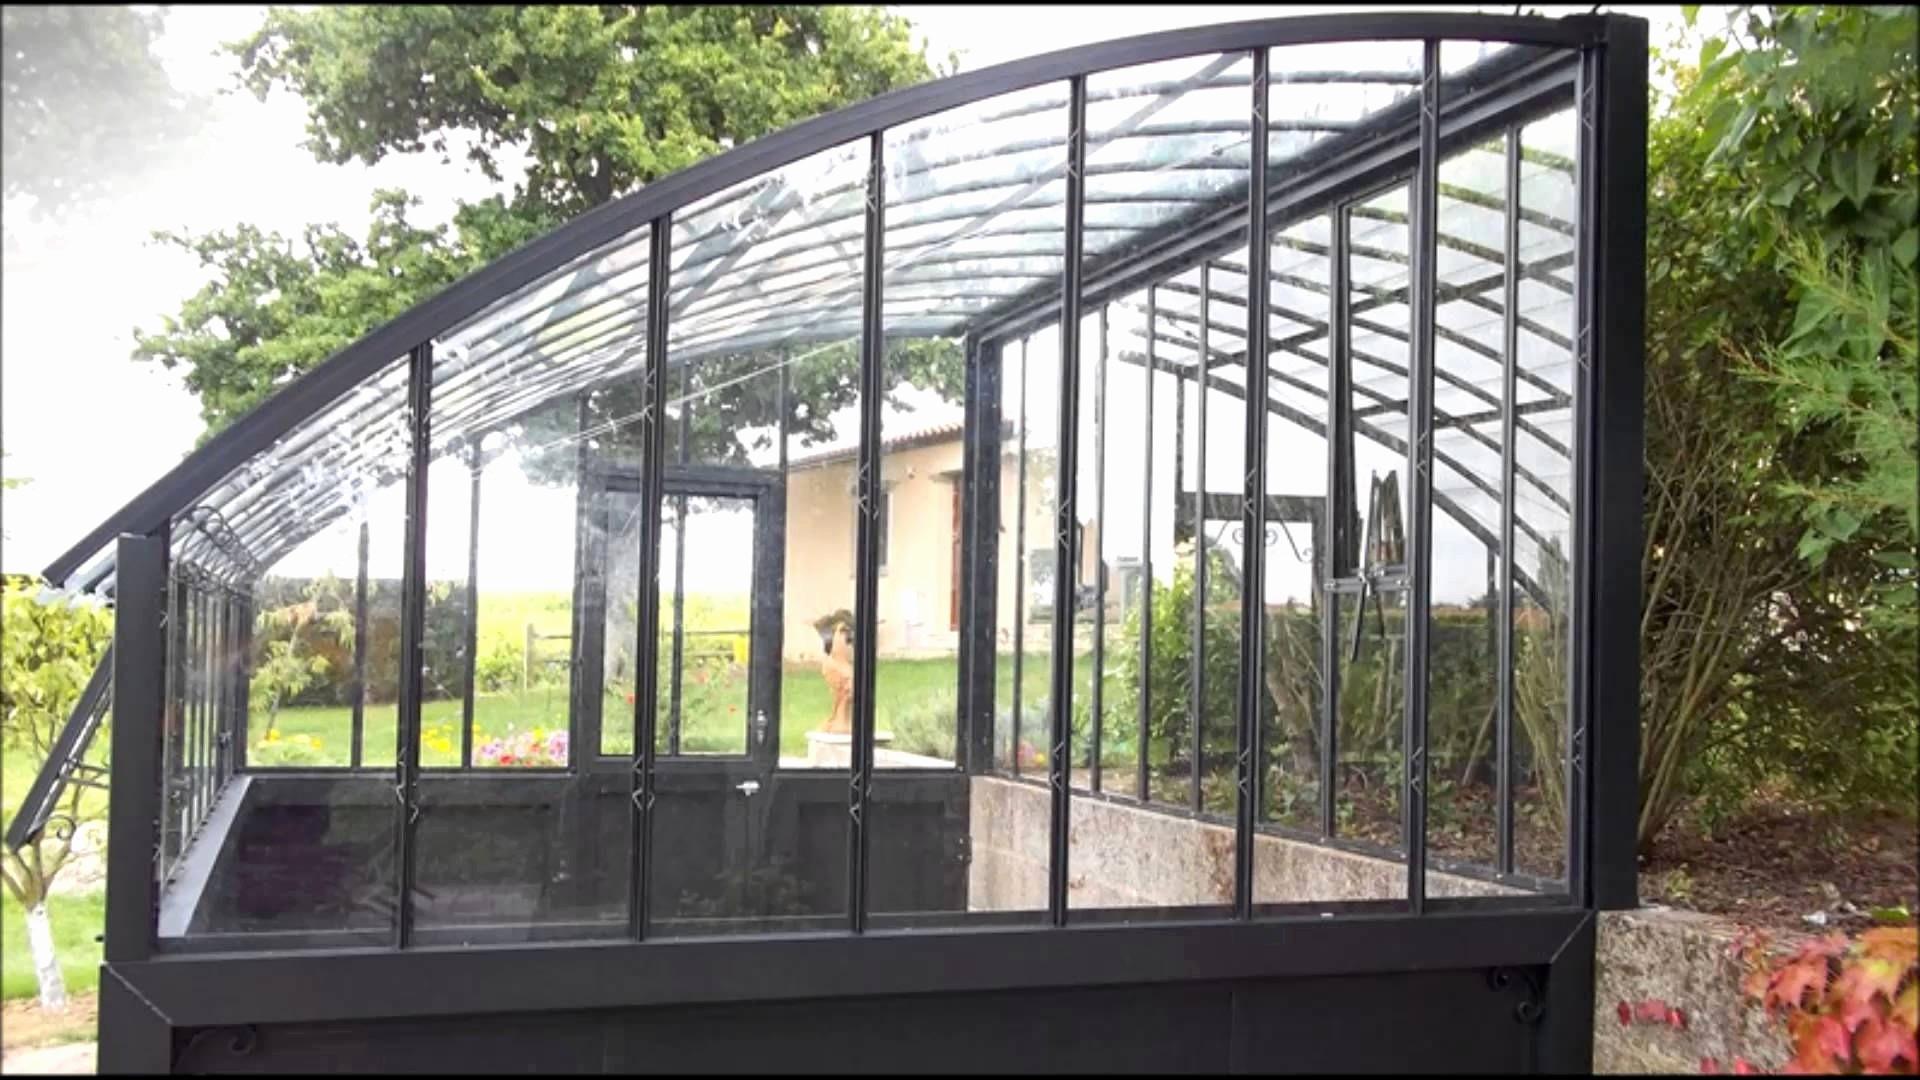 Jardin Des Sens Linselles Élégant Images 45 Imposant Idées De Visiter Le Jardin Des Plantes